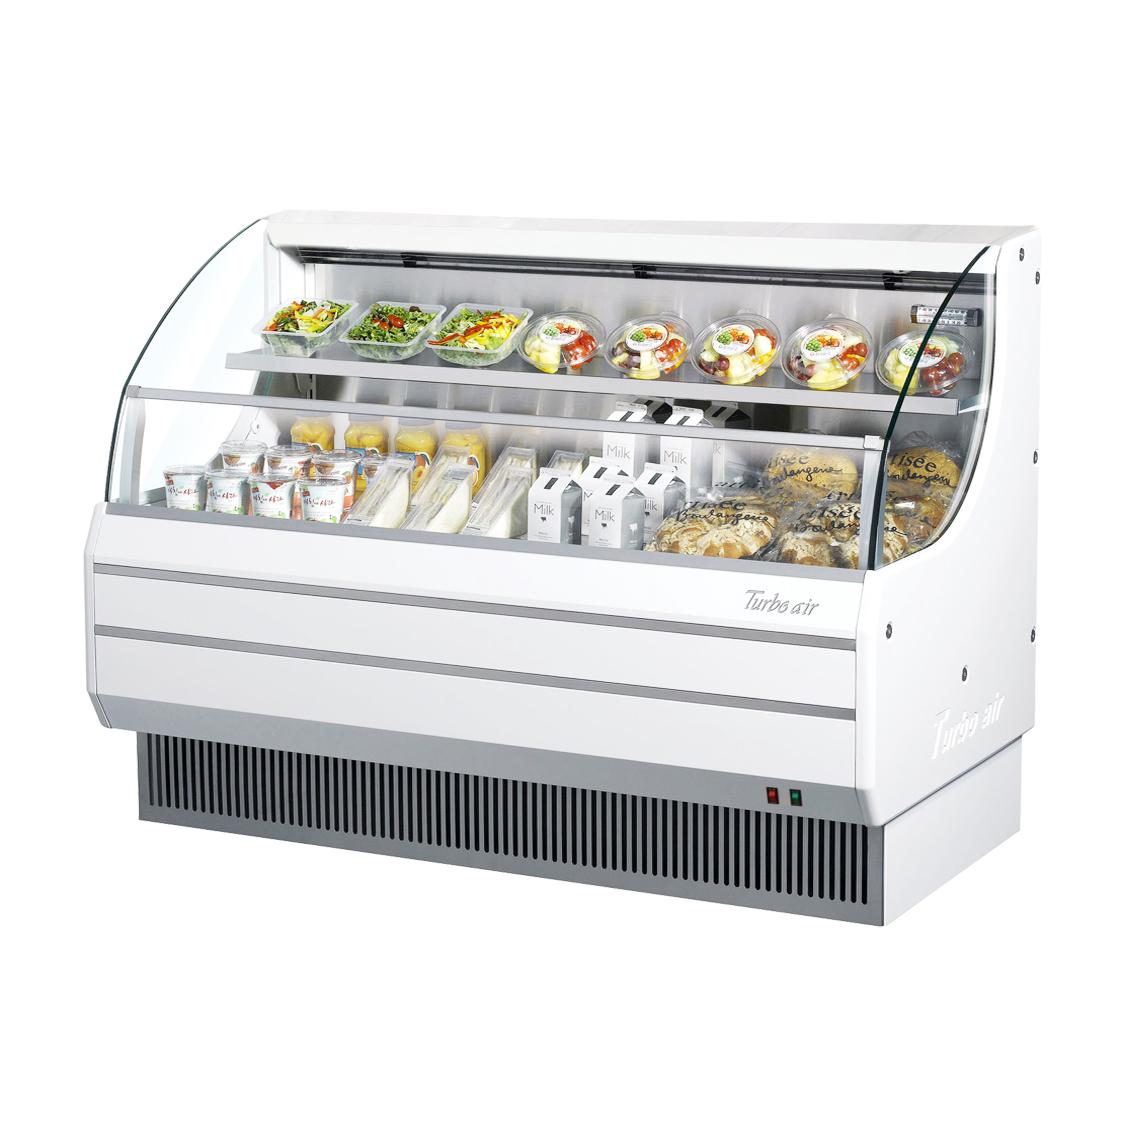 Turbo Air TOM-60LW-N merchandiser, open refrigerated display